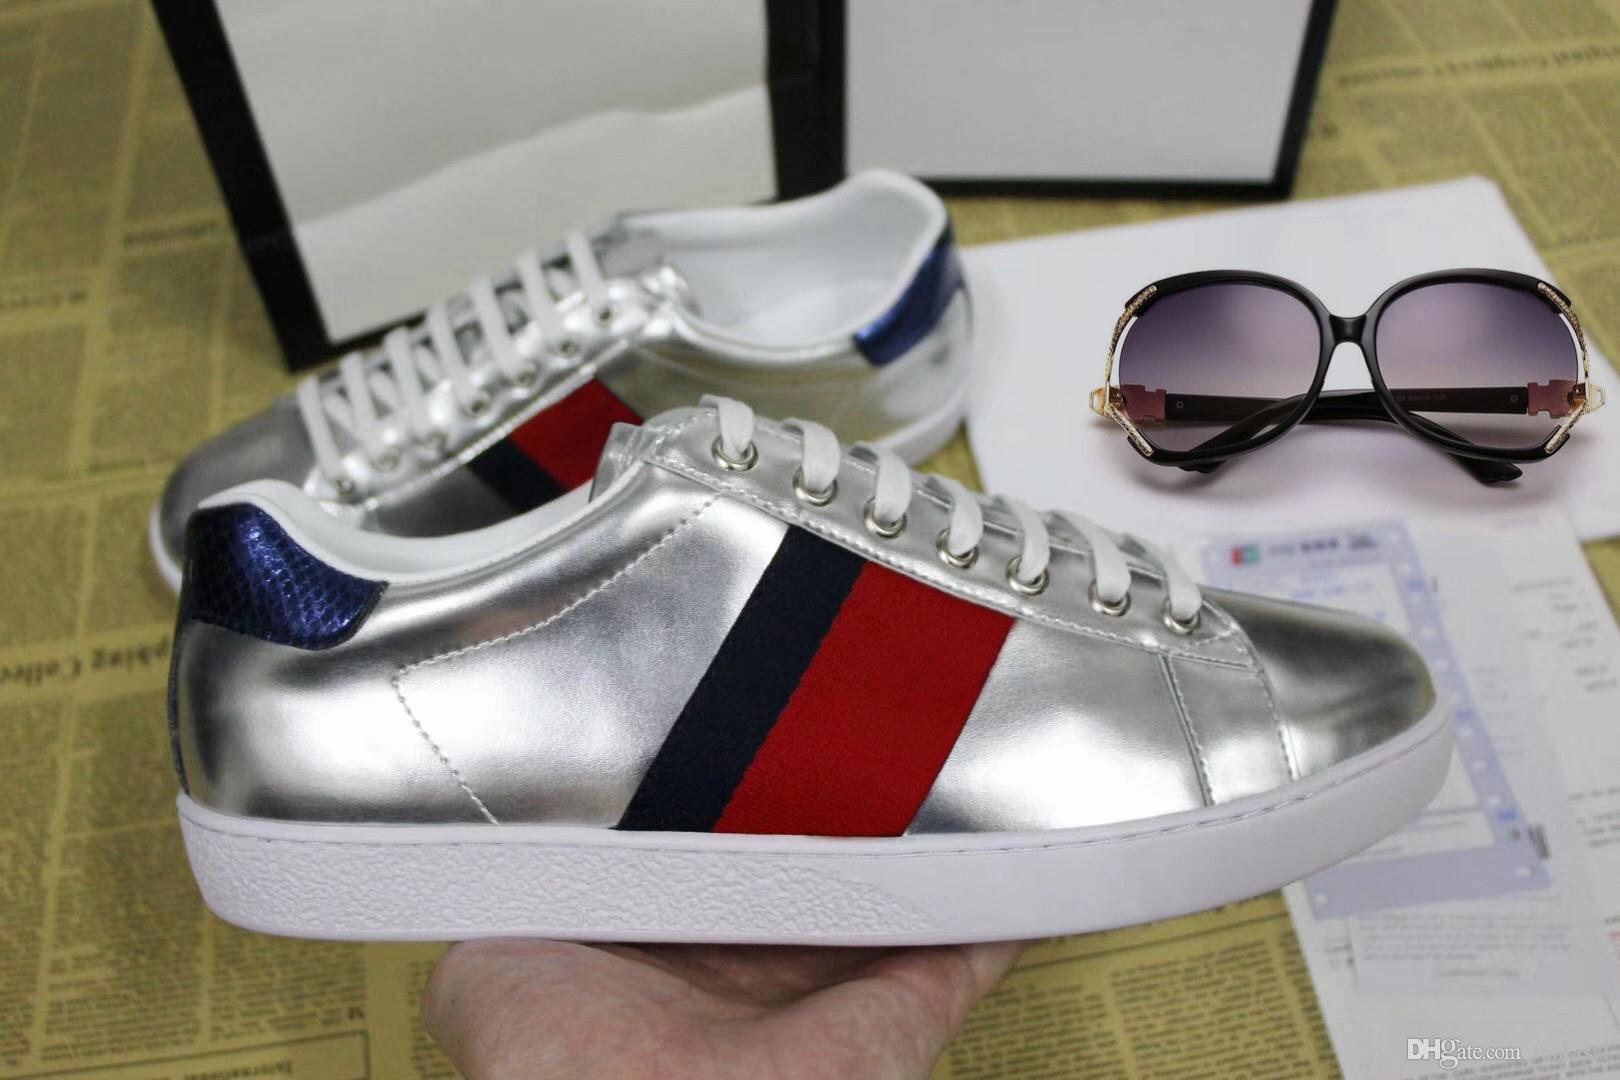 Designer scarpe ACE lusso ricamate Scarpe Marchi White Tiger Bee Snake progettista del cuoio genuino Sneaker Mens Women Casual Shoes 35-48